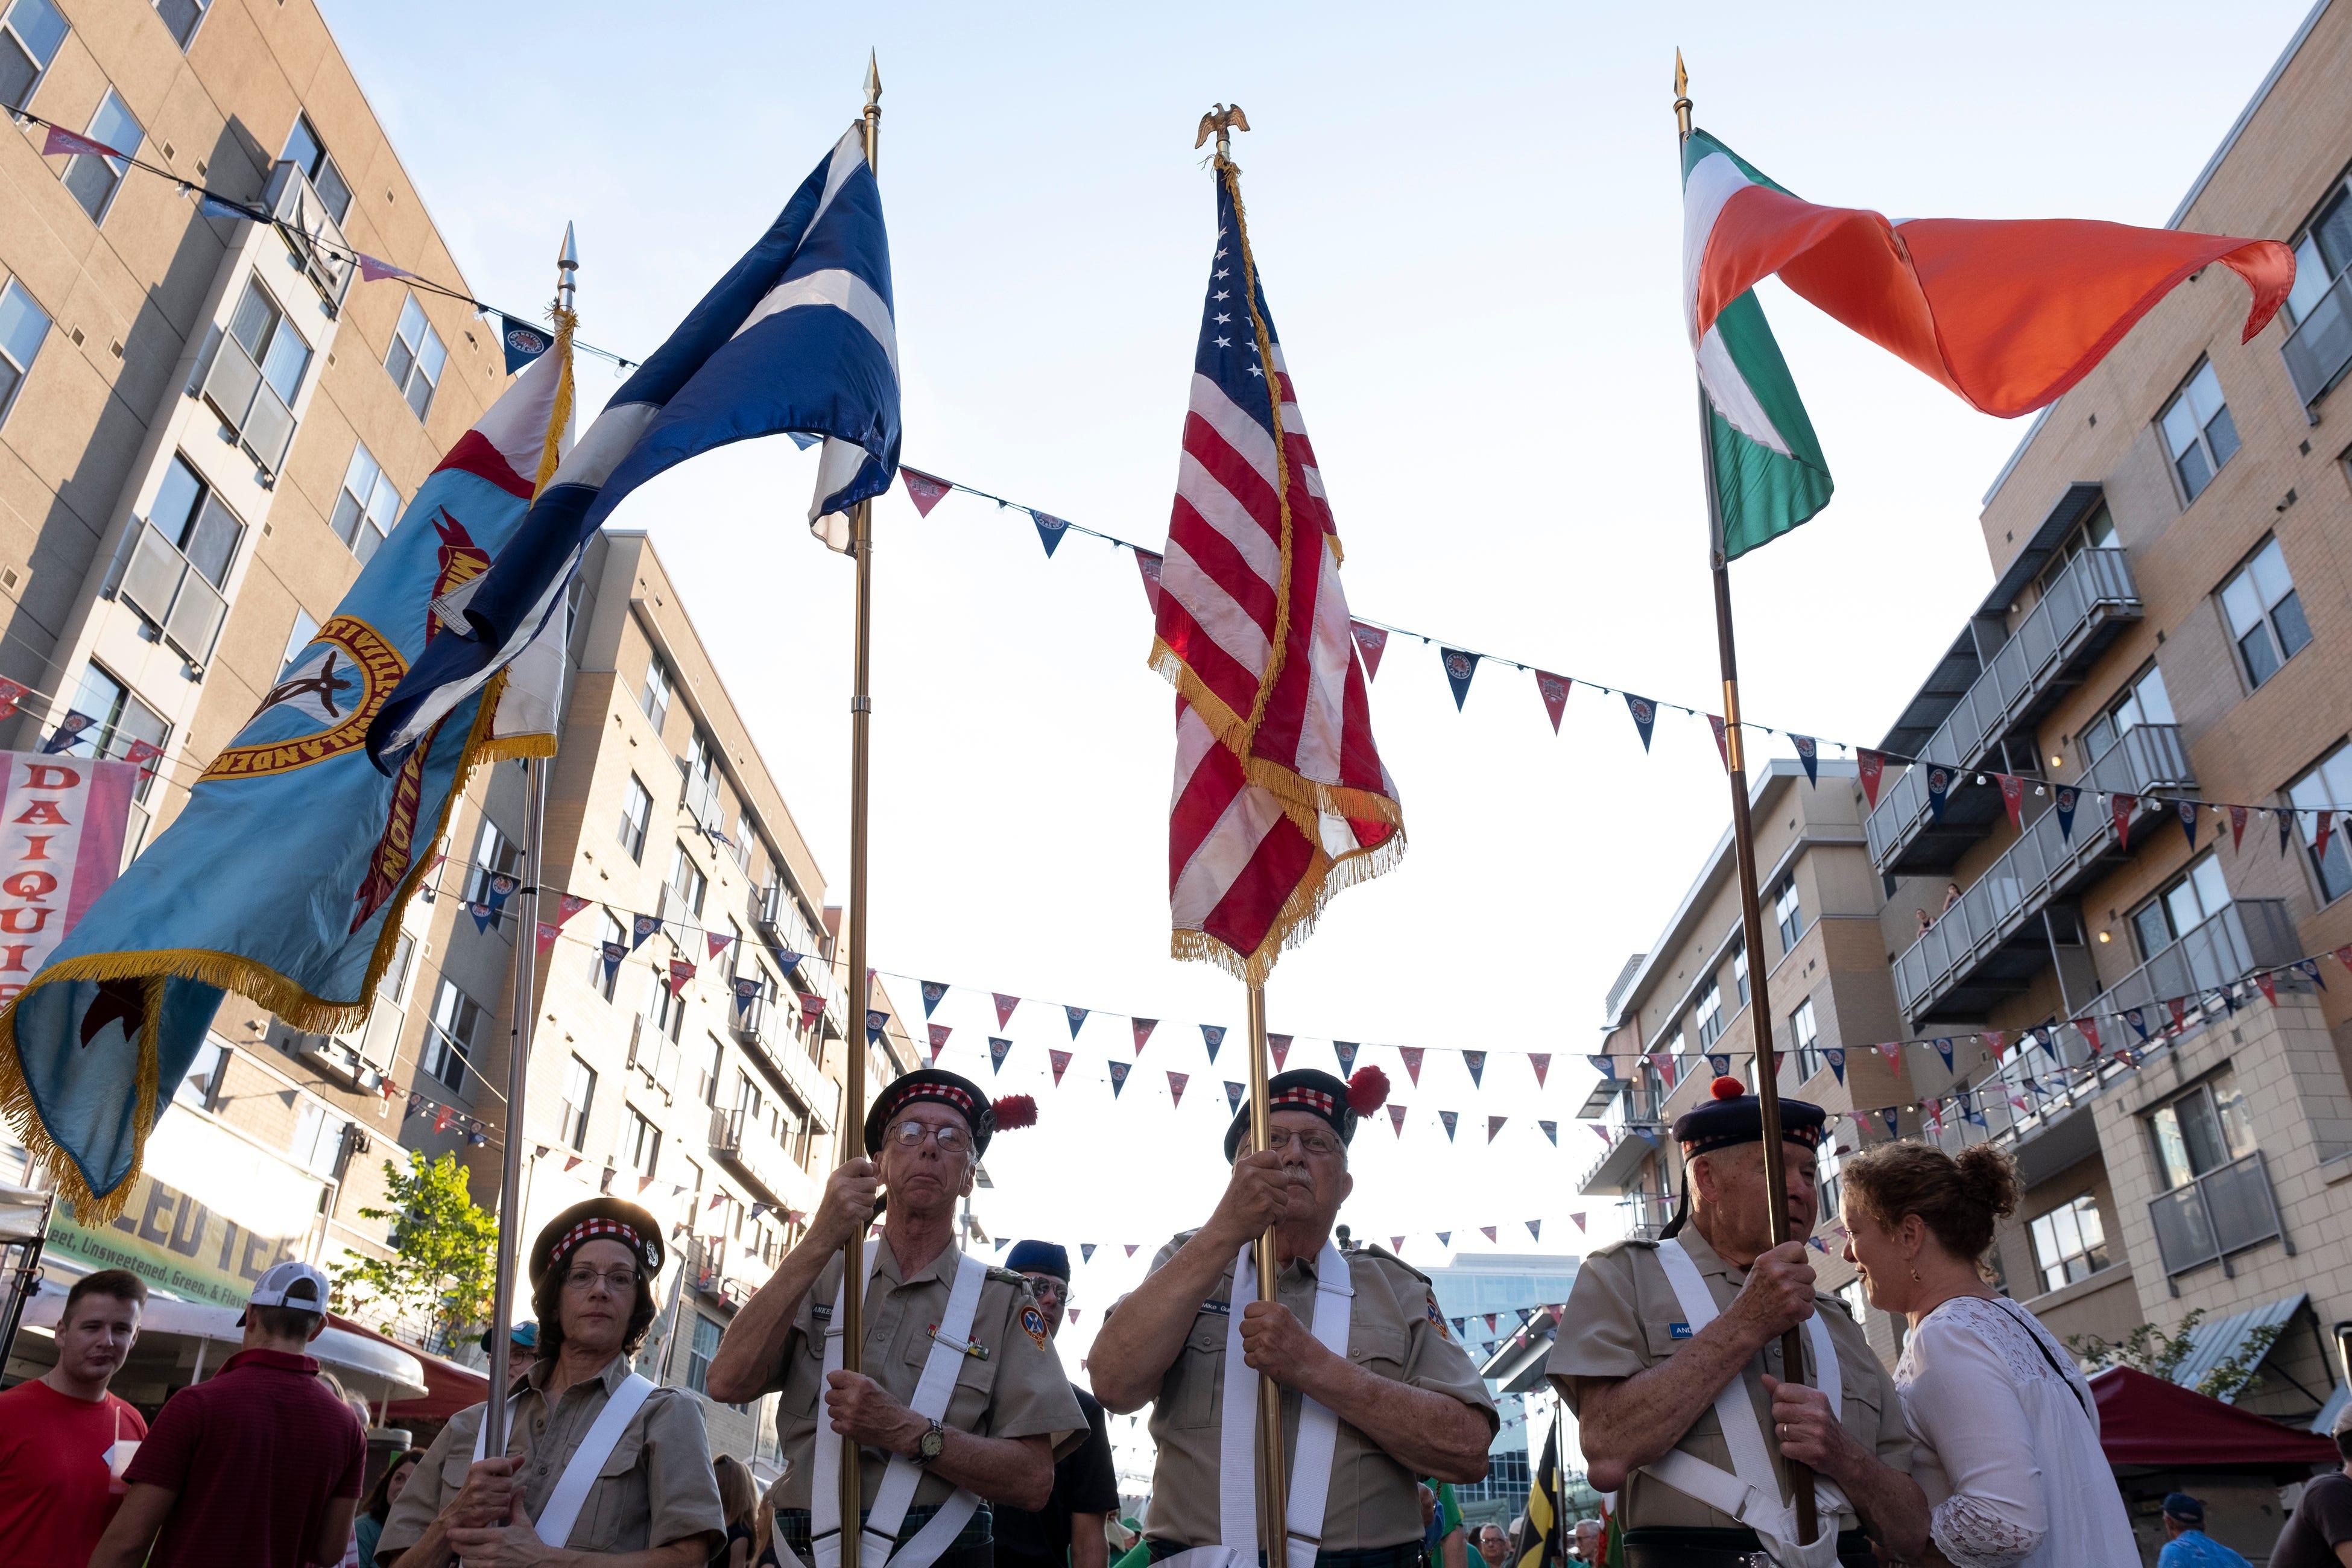 PHOTOS: Cincinnati Celtic Festival Friday, August 16, 2019